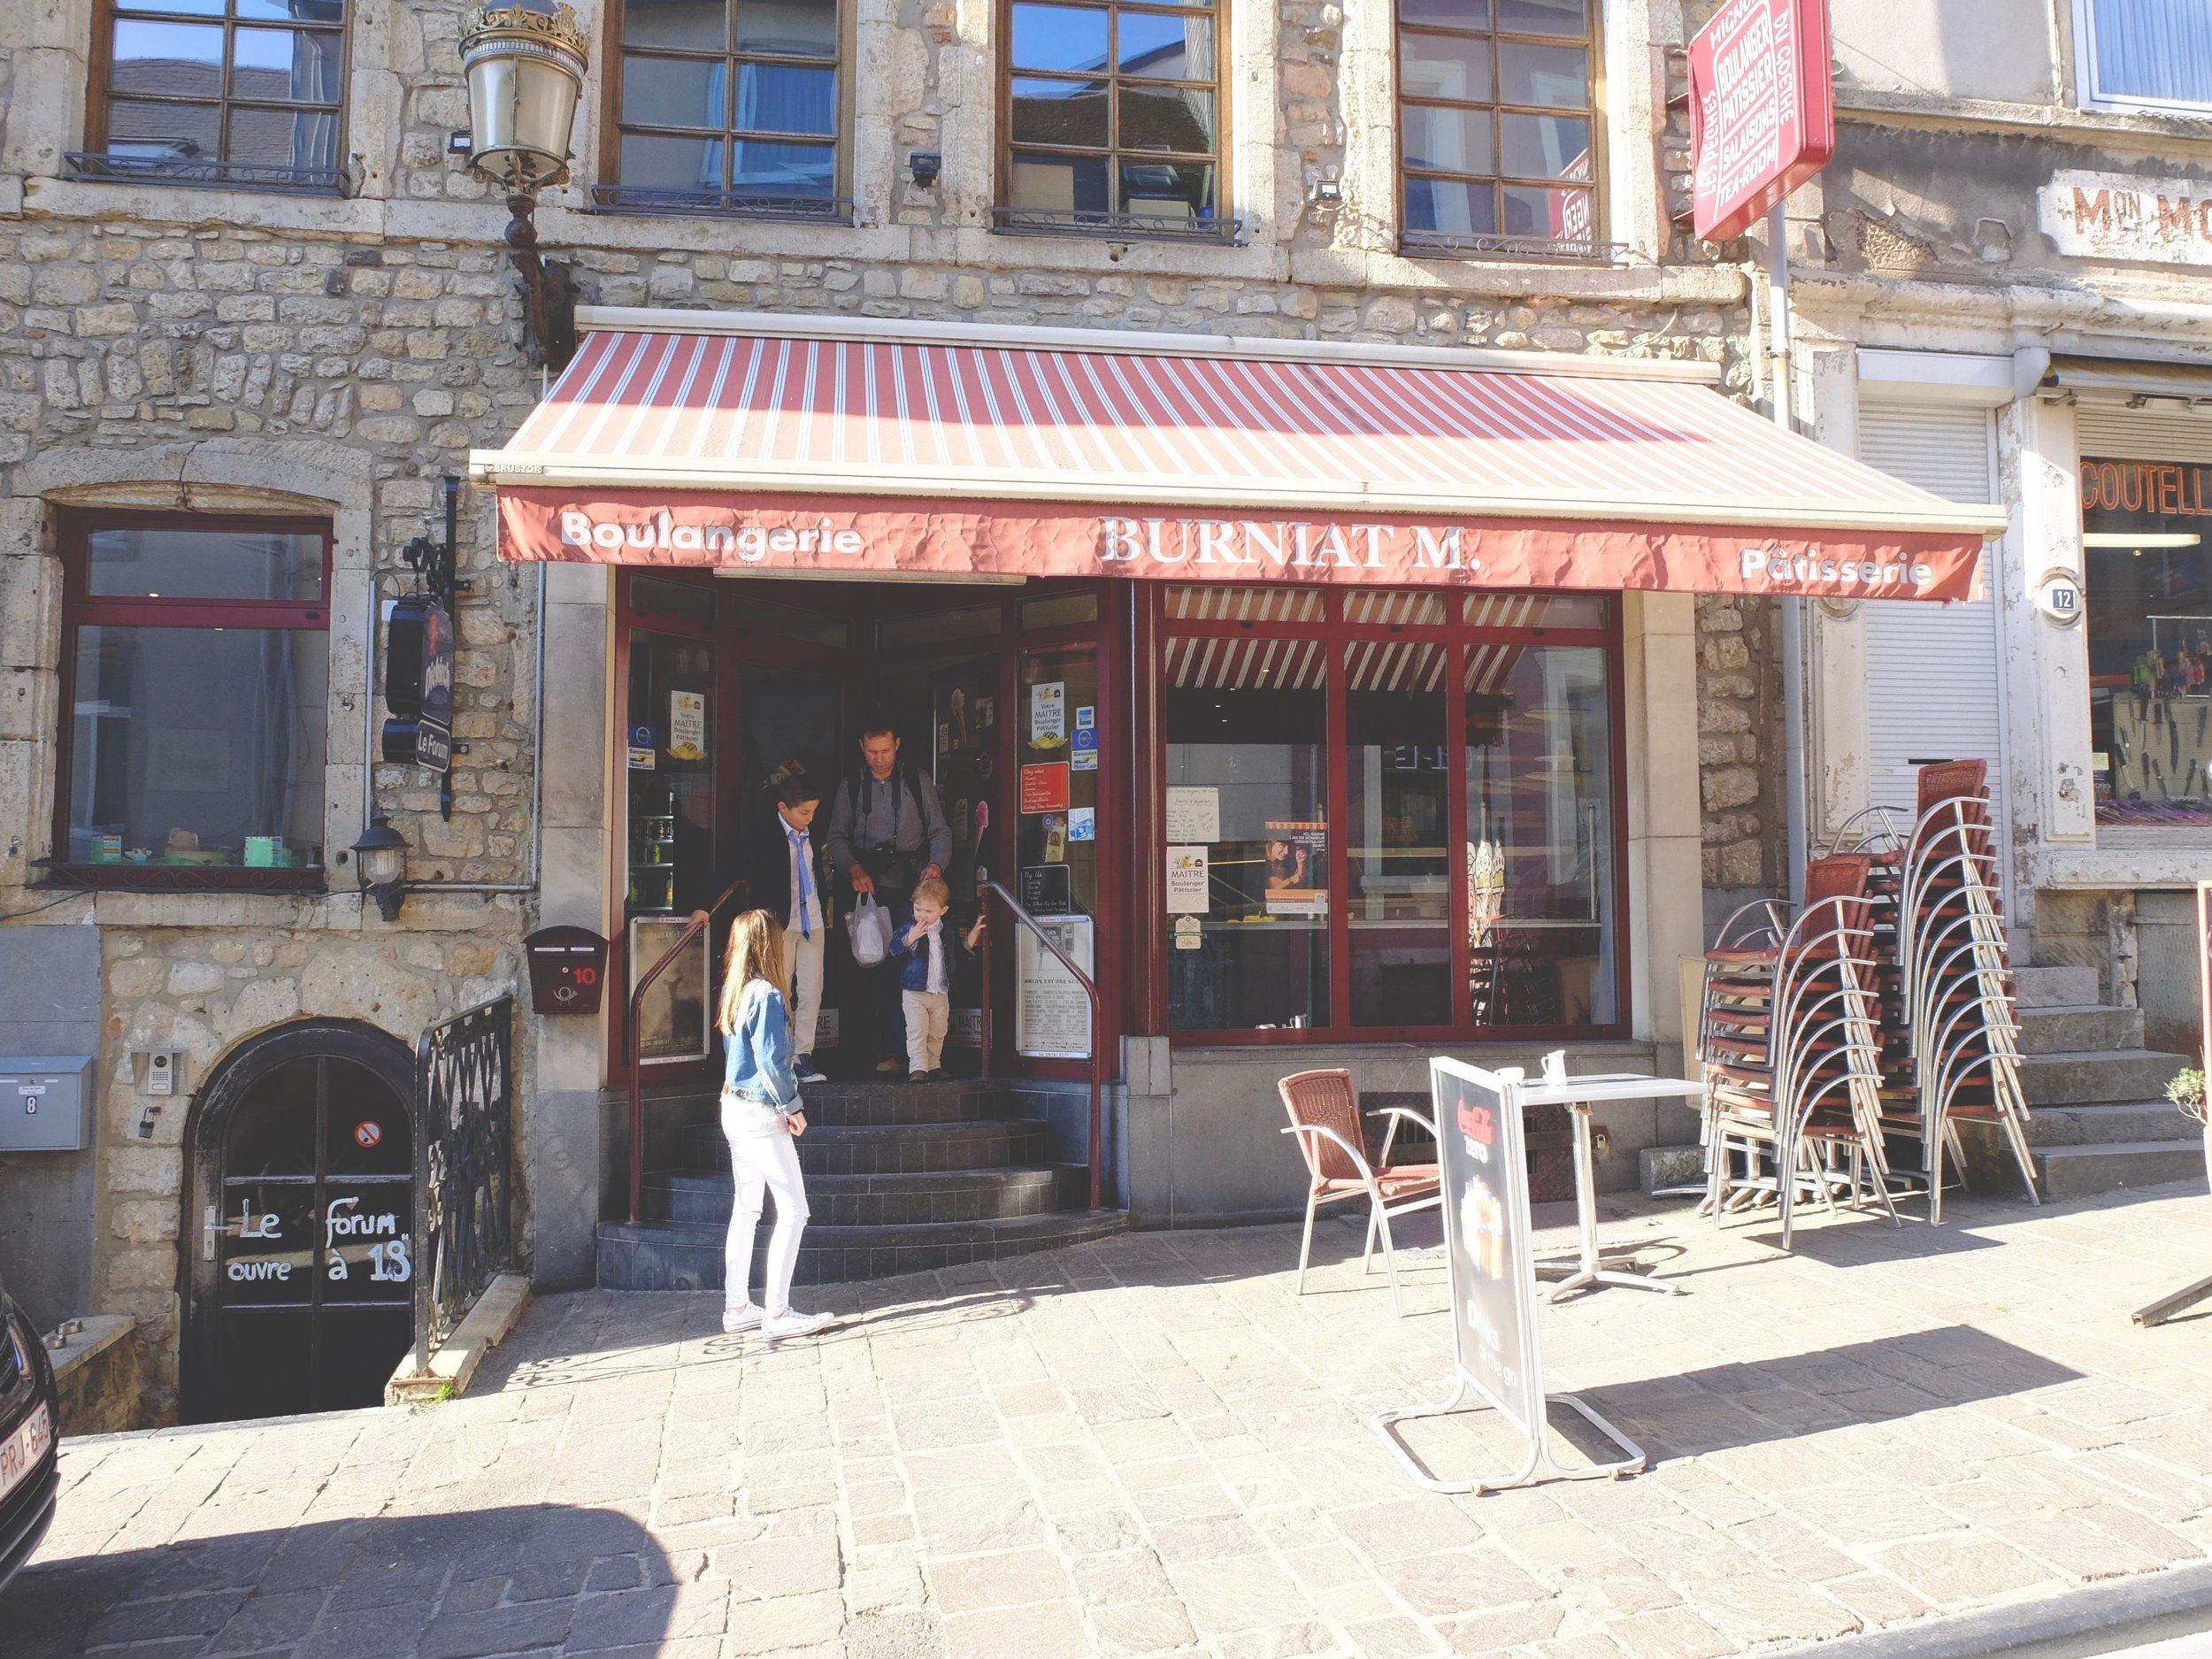 The boulangerie in Belgium.